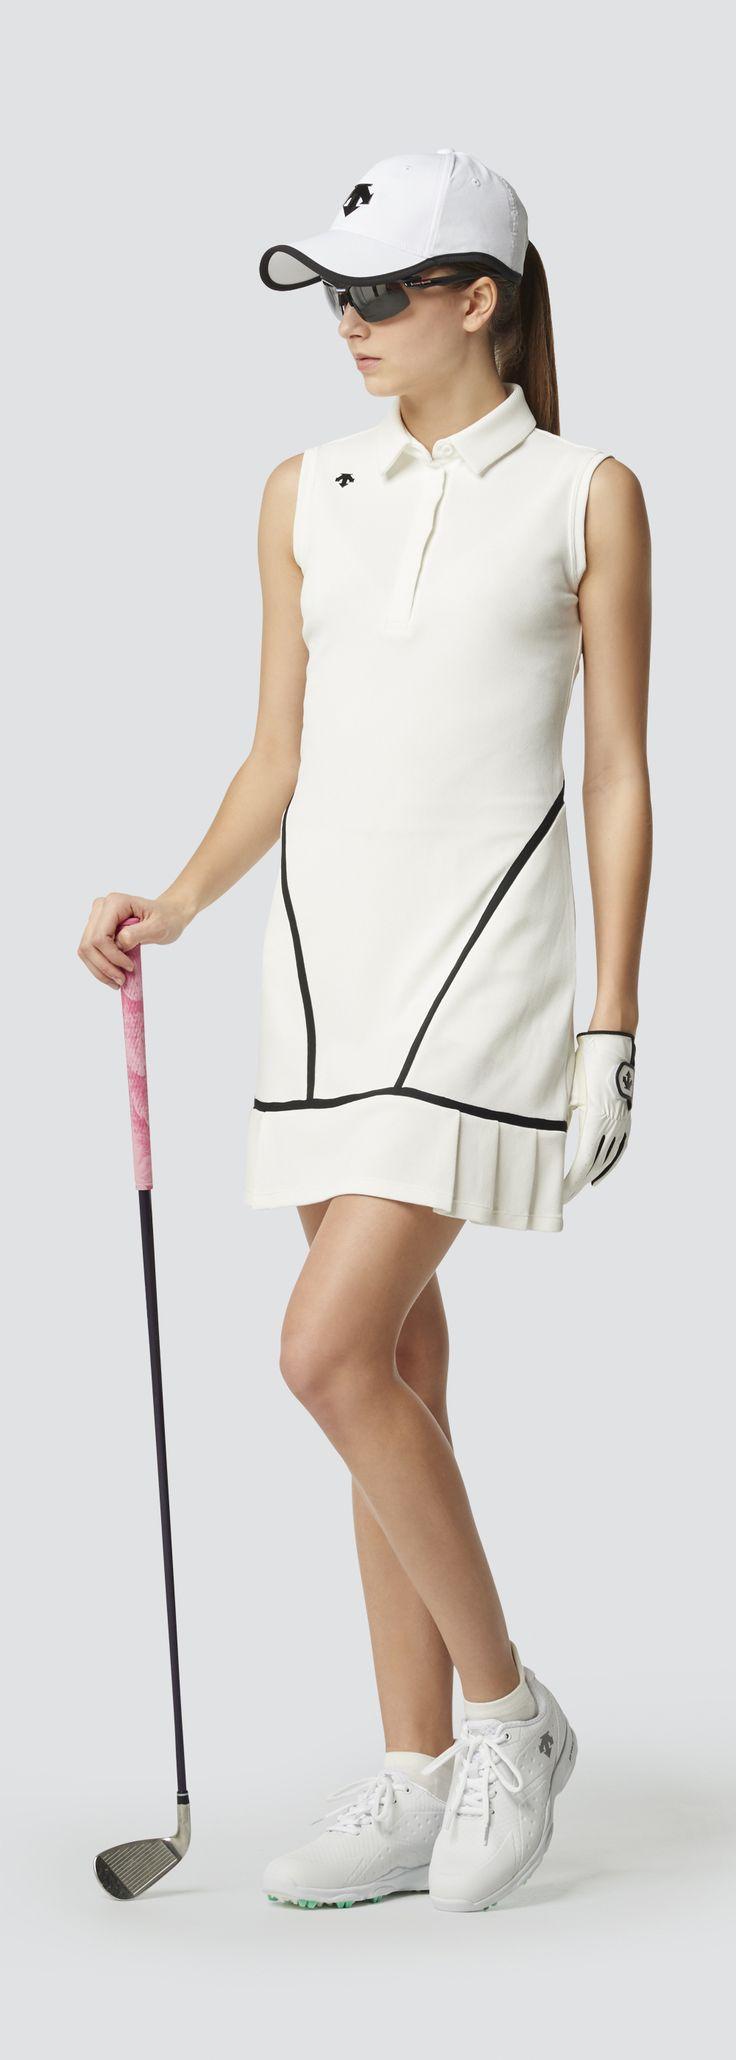 Descente Golf|ストレッチ インナースパッツ付 ワッフルワンピース | ストレッチ性が高く、ライン使いが特徴的なインナー付きスリーブレスワンピース。女性らしさを引き立てるフリル使いもデザインポイント。|デサントゴルフ|レディース ワンピース